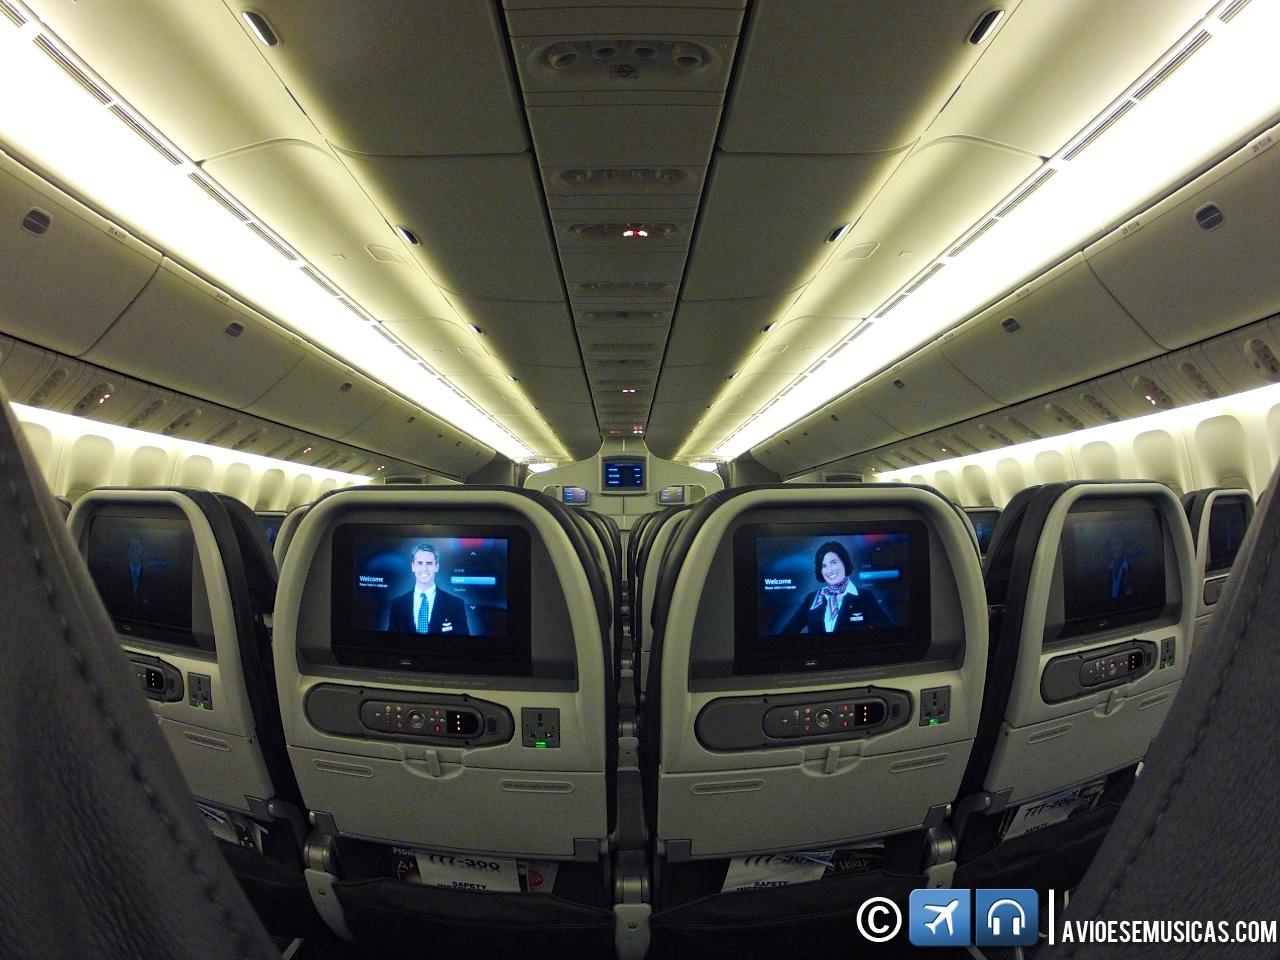 novo Boeing 777 300ER da American Airlines de pertinho : Aviões e  #113B72 1280x960 Banheiro Avião Tam